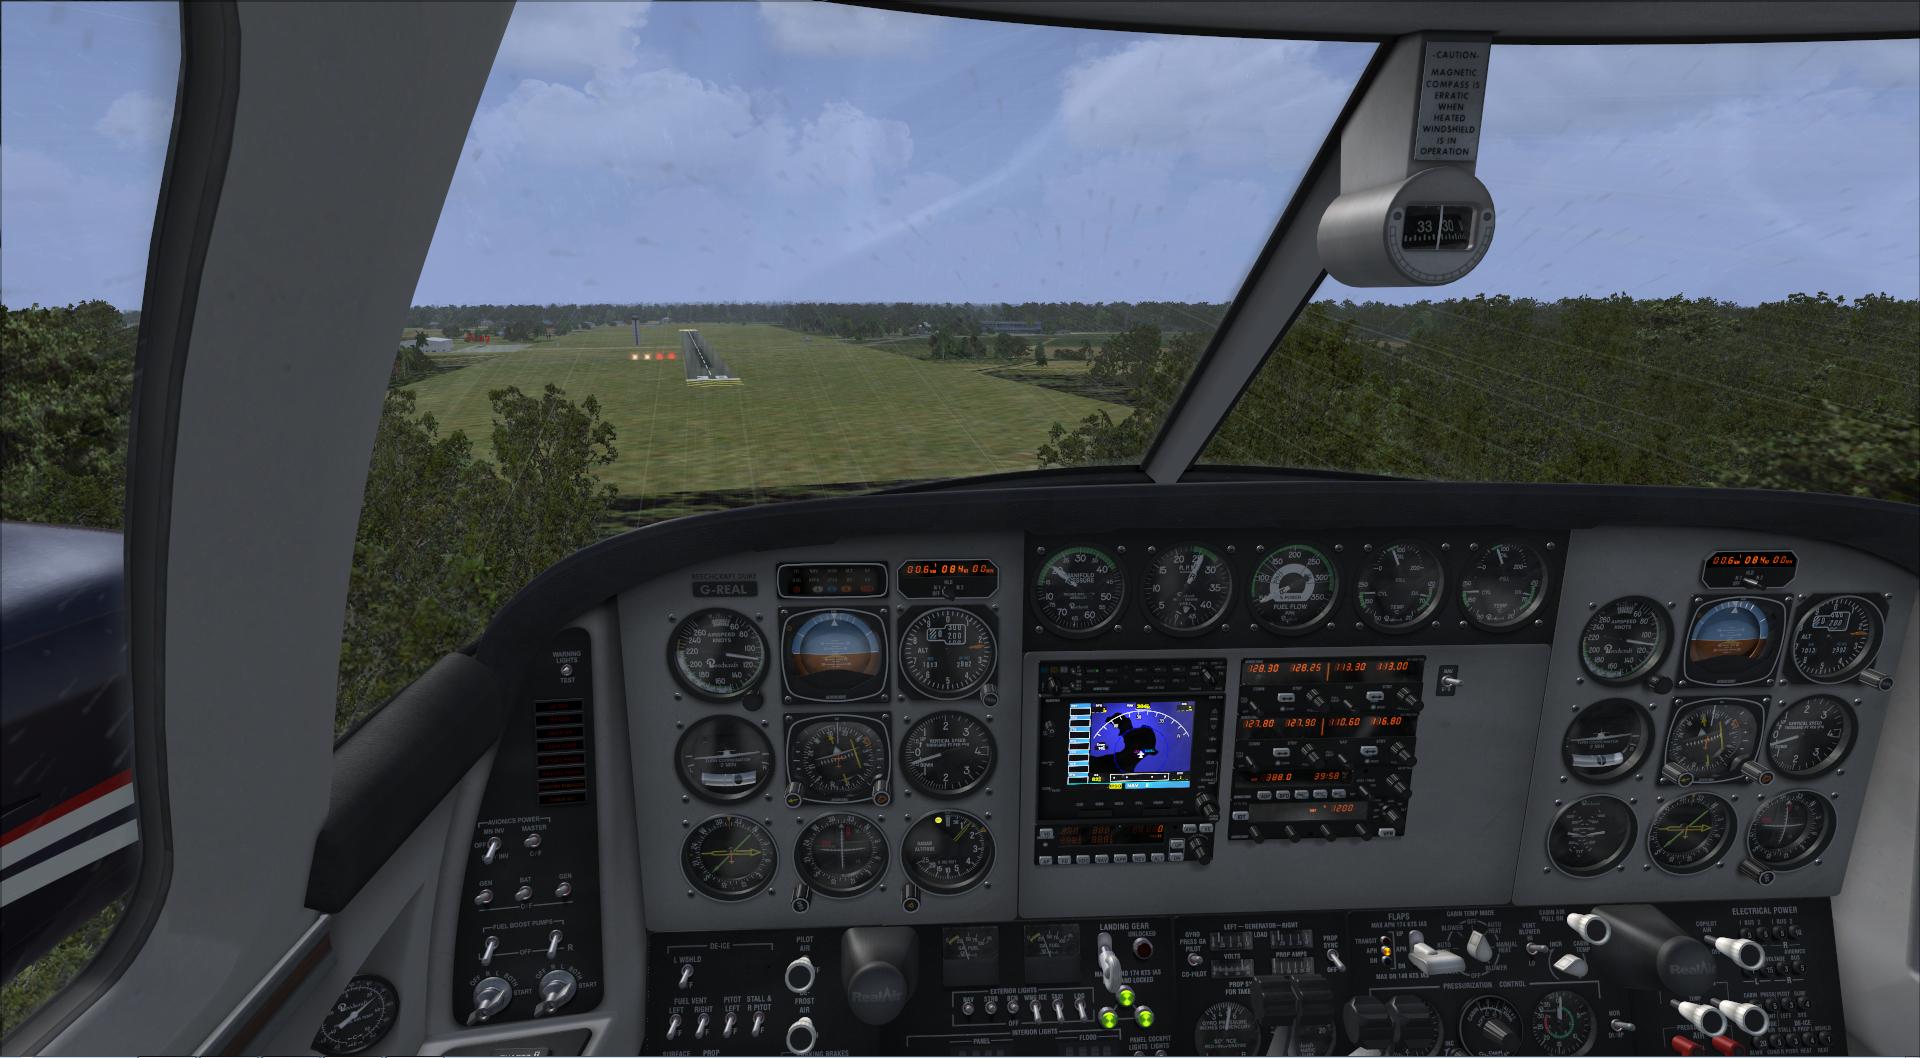 vol shag pilote de brousse  818361201442716325120